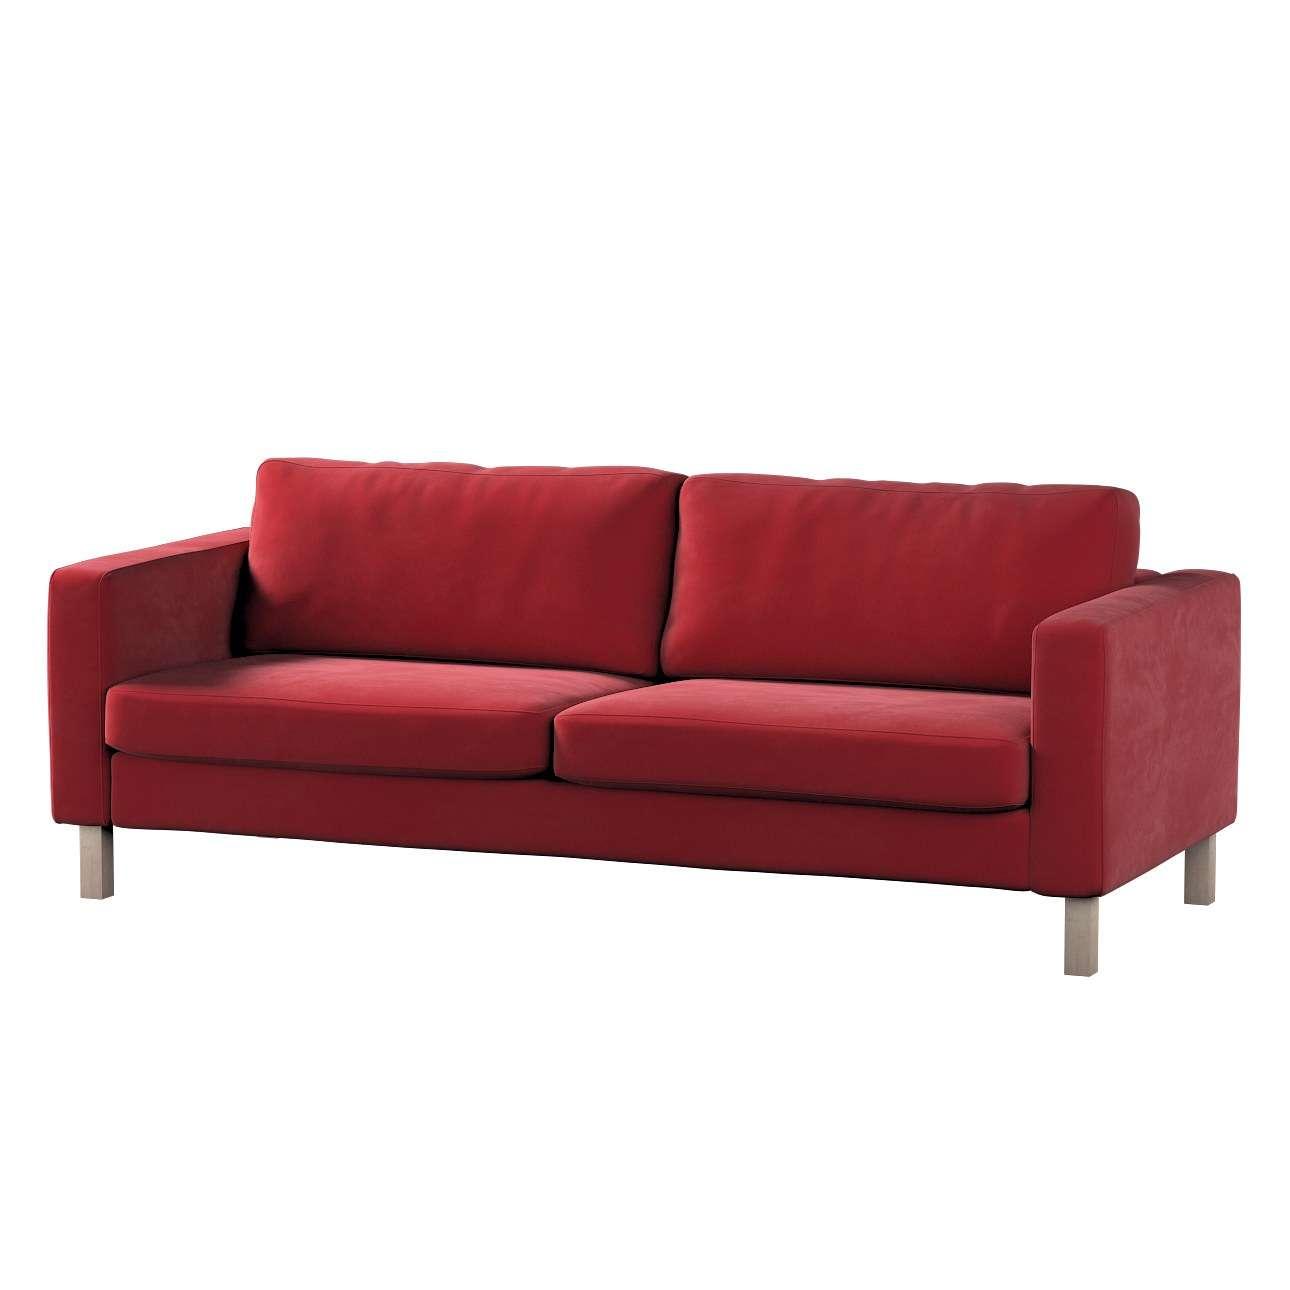 Pokrowiec na sofę Karlstad 3-osobową nierozkładaną, krótki w kolekcji Velvet, tkanina: 704-15